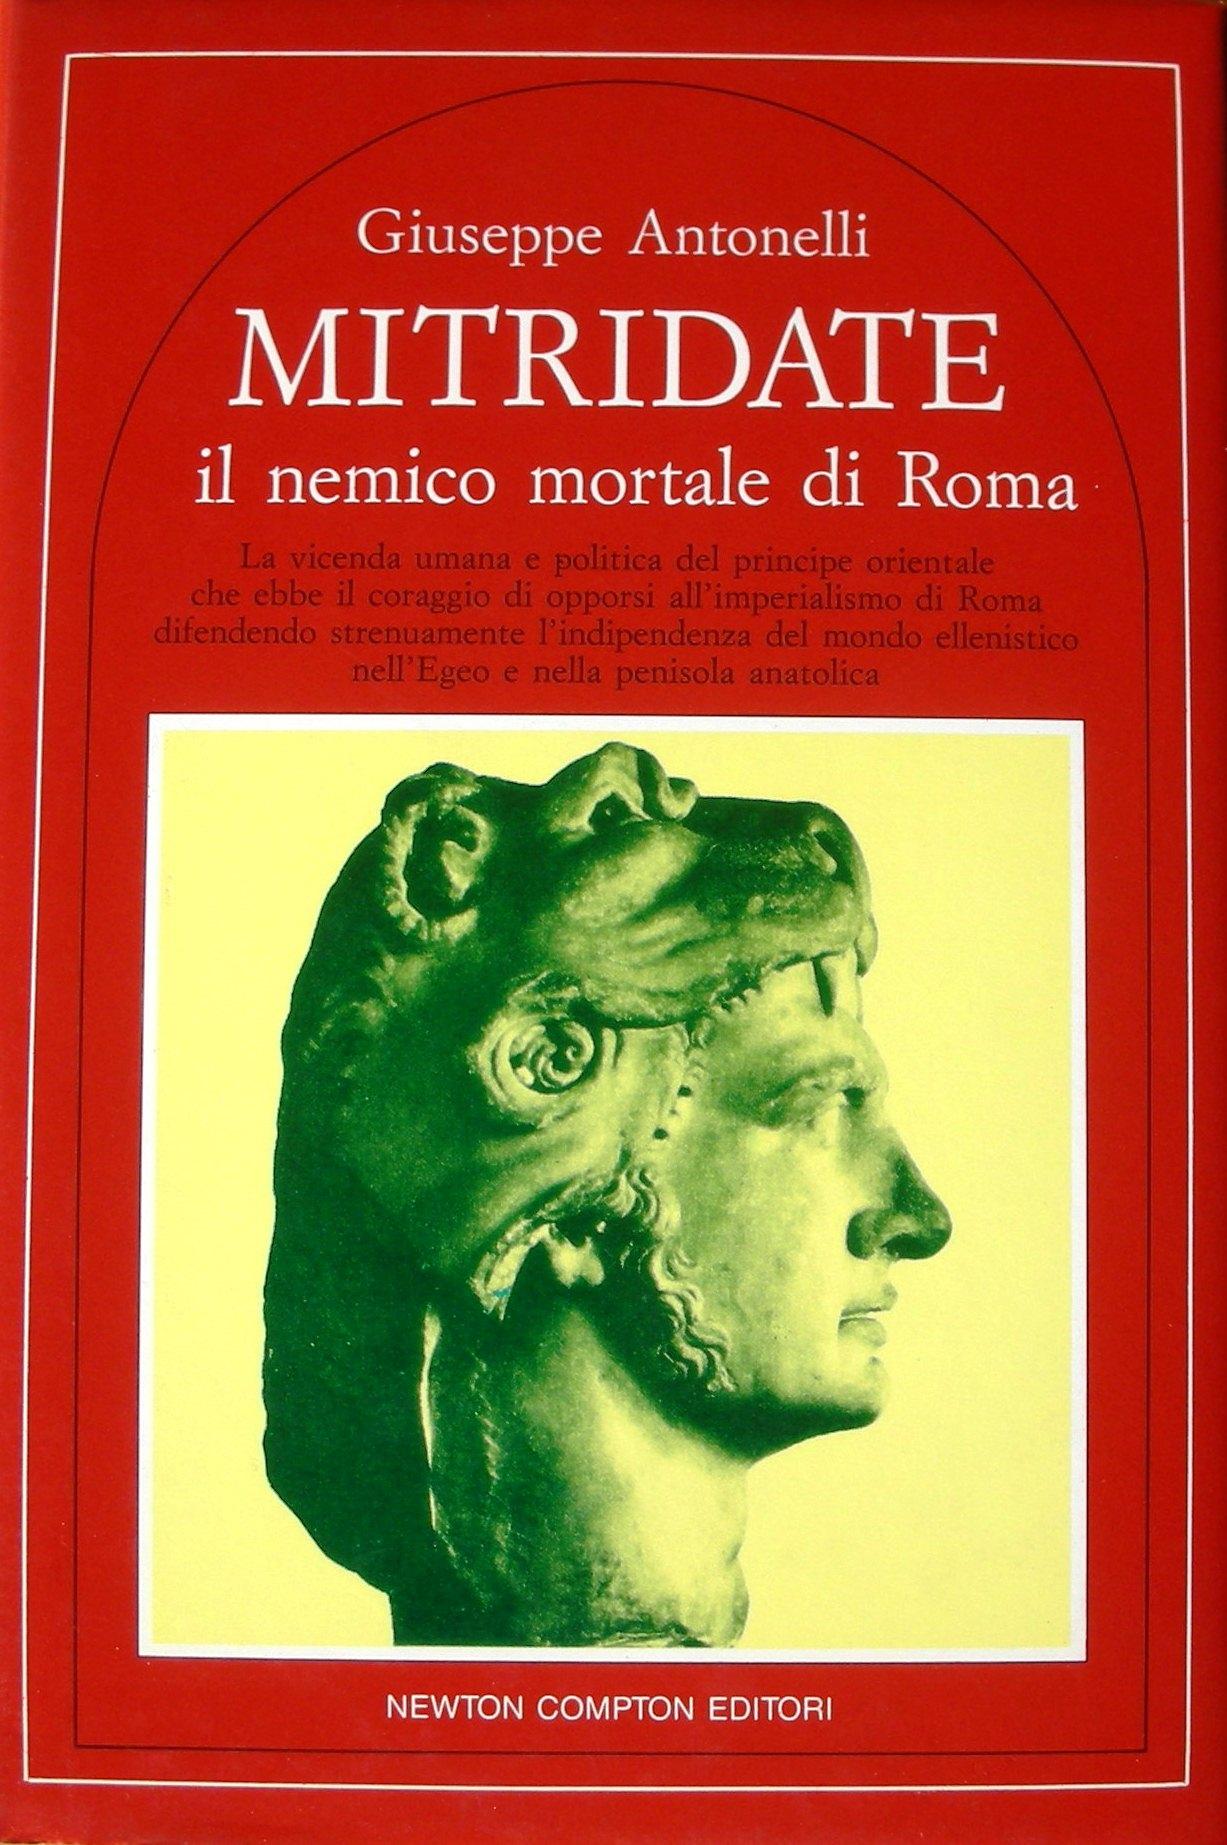 Mitridate, il nemico mortale di Roma